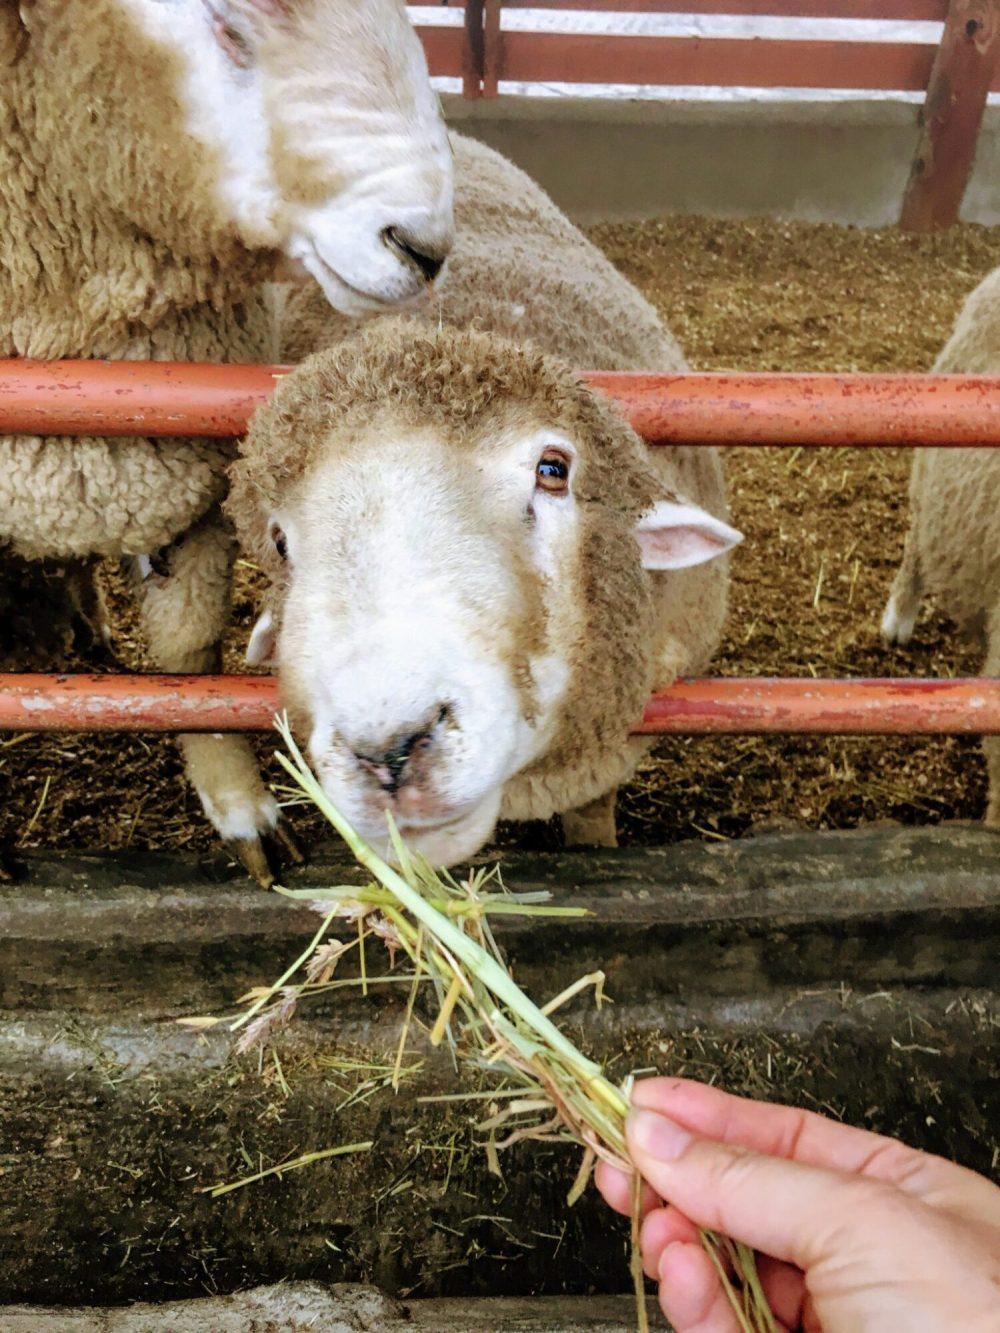 a sheep at daegwallyeong sheep farm